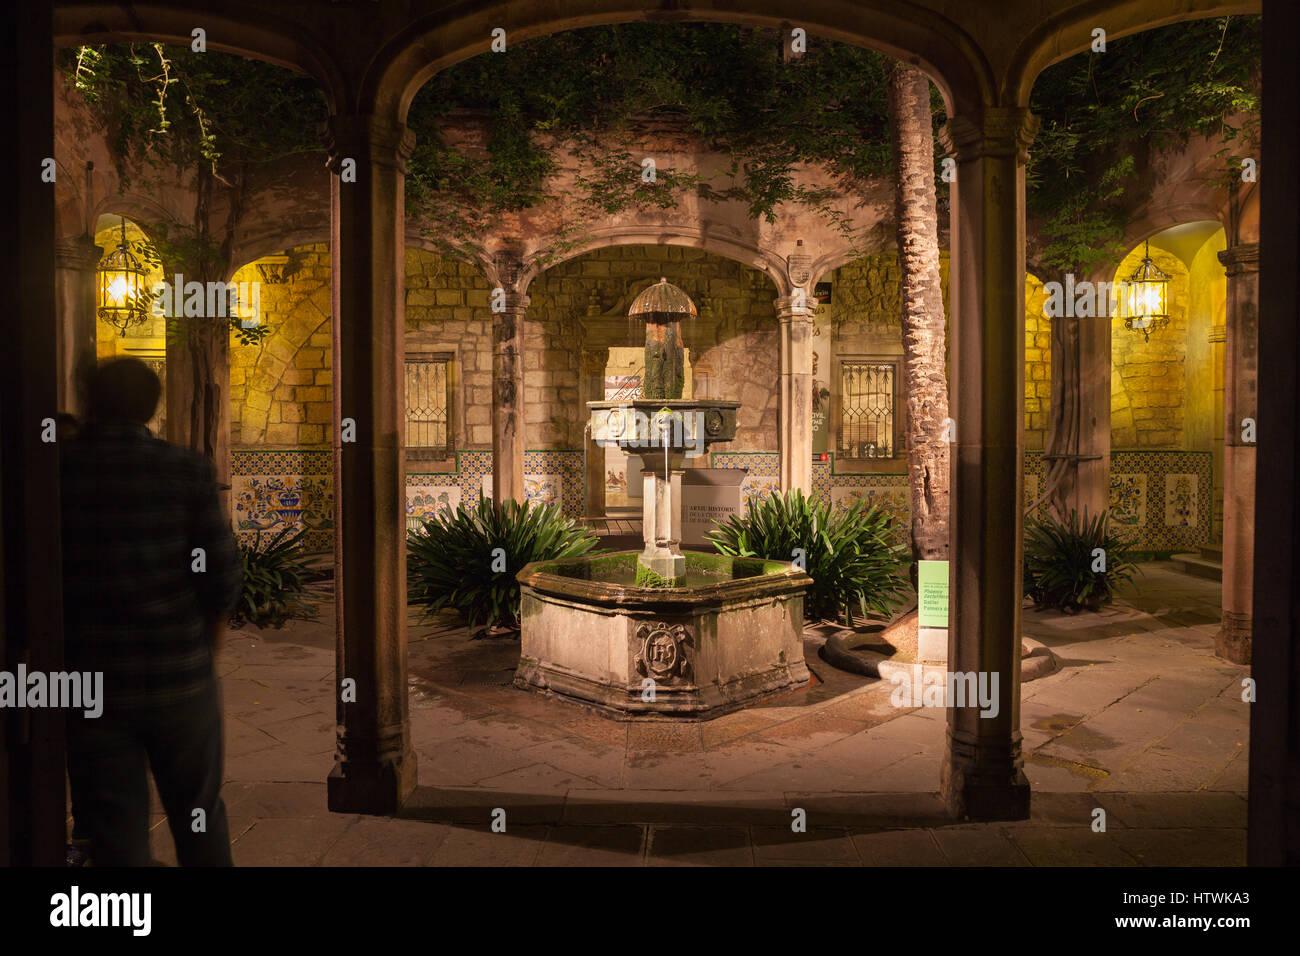 espagne barcelone cour et fontaine de casa de l 39 ardiaca. Black Bedroom Furniture Sets. Home Design Ideas